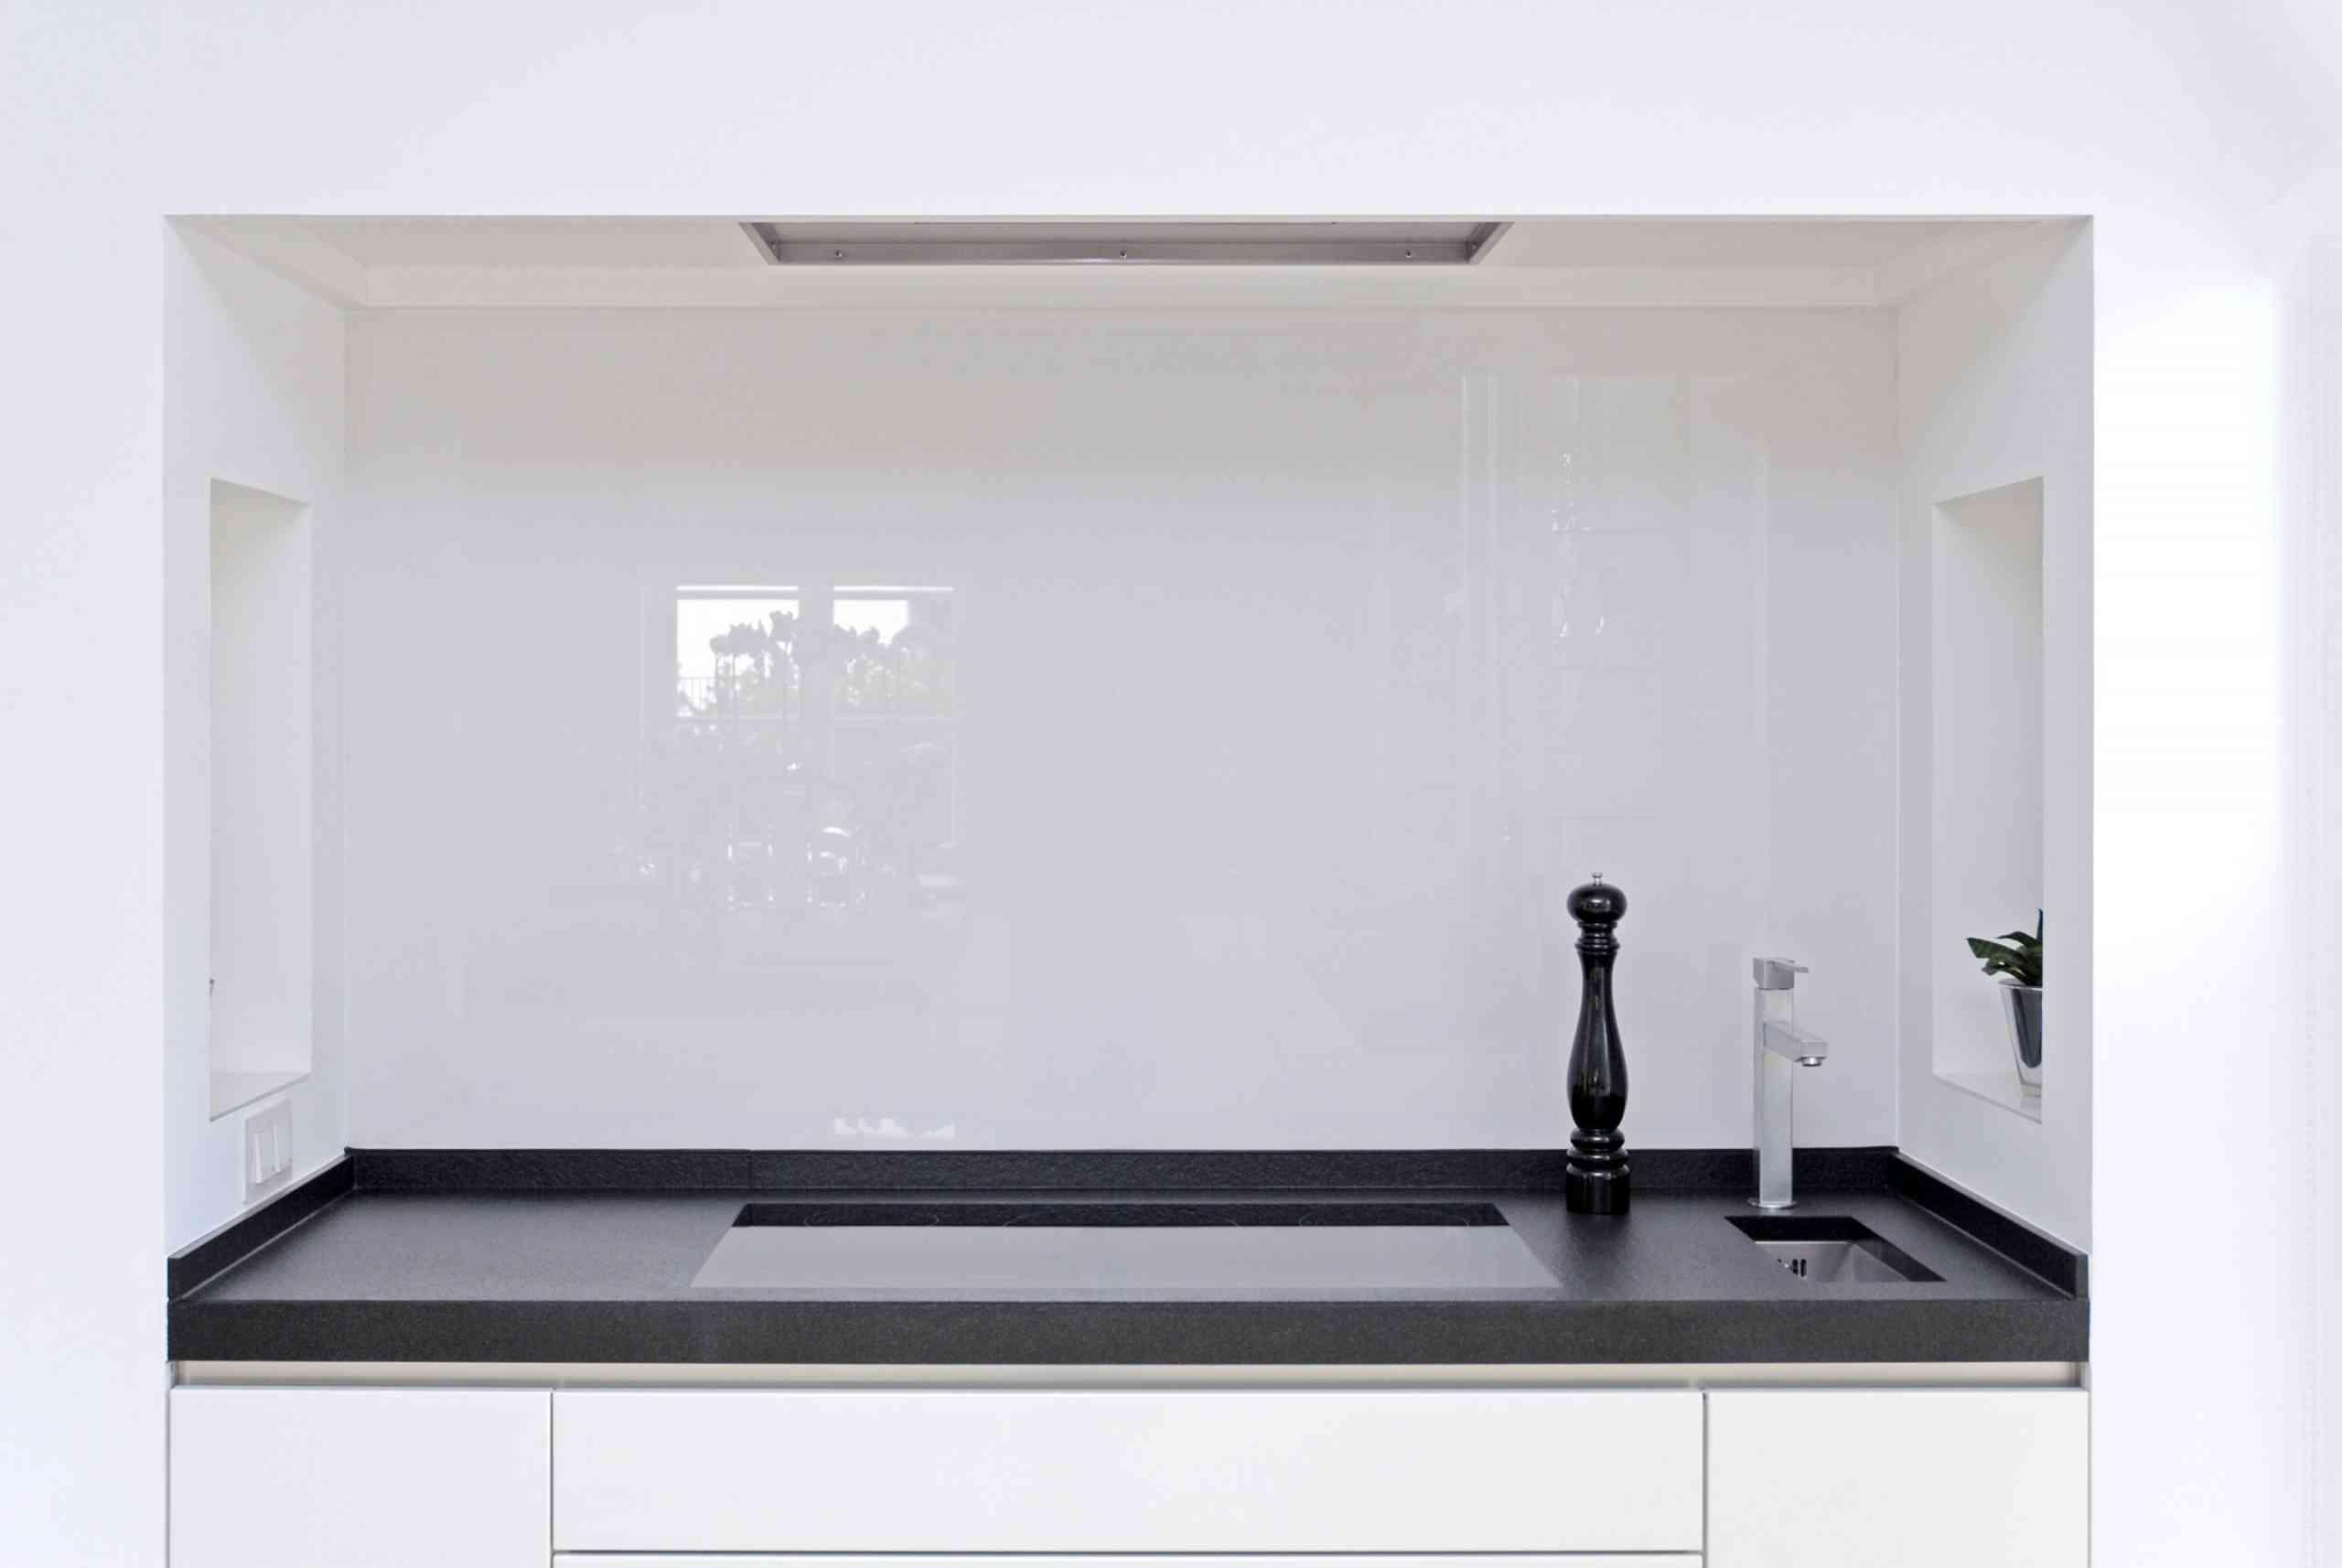 Küchenarbeitsplatte in Nero Assoluto geflammt und gebürstet mit flächenbündigem Ceranfeld